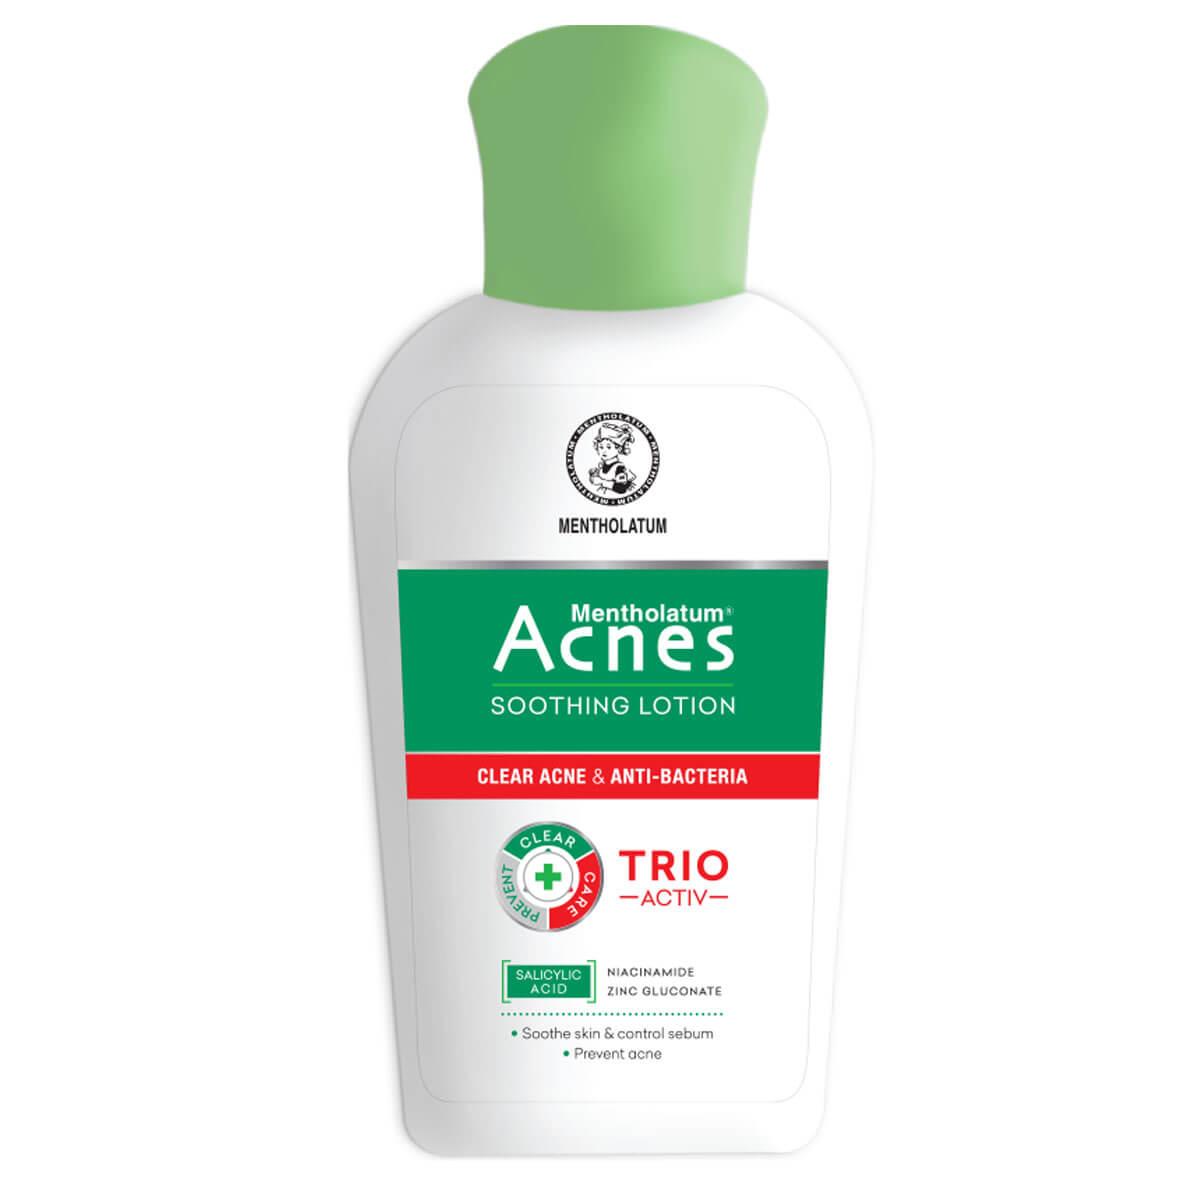 Đây là sản phẩm giúp dịu da, kiểm soát nhờn và ngăn ngừa mụn